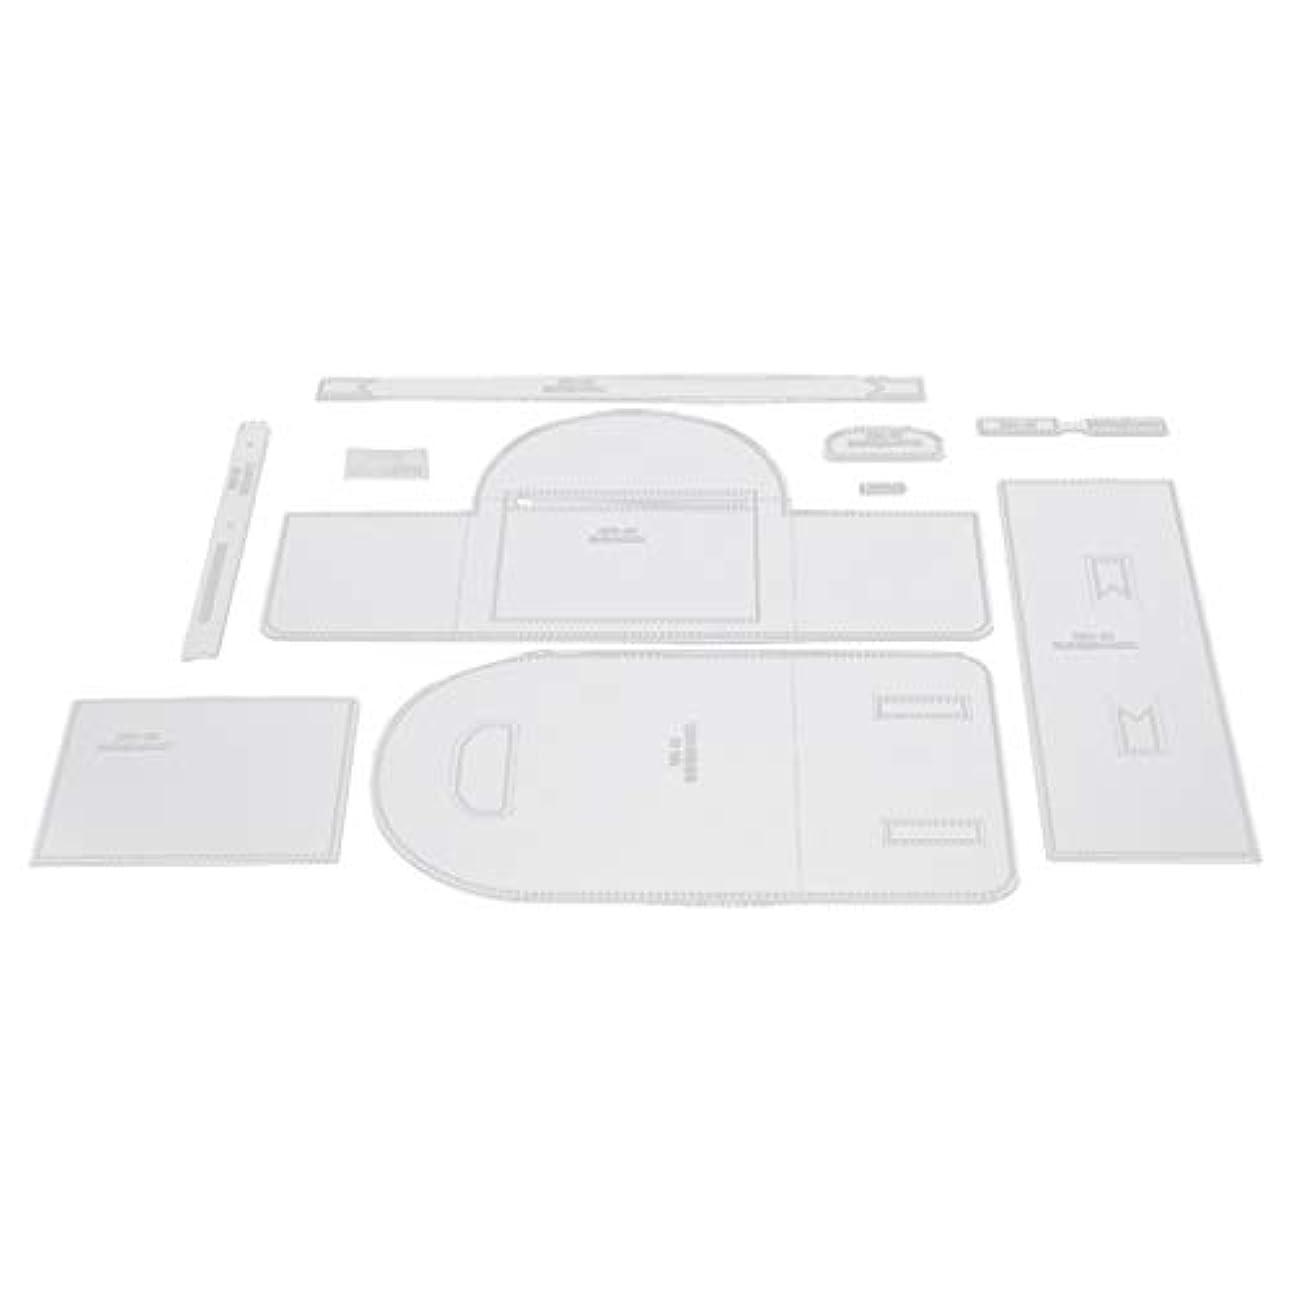 返済ホールドオール愚かバックパック パターン テンプレート ステンシル アクリル 型紙 透明 簡単 全2サイズ - クリア, L